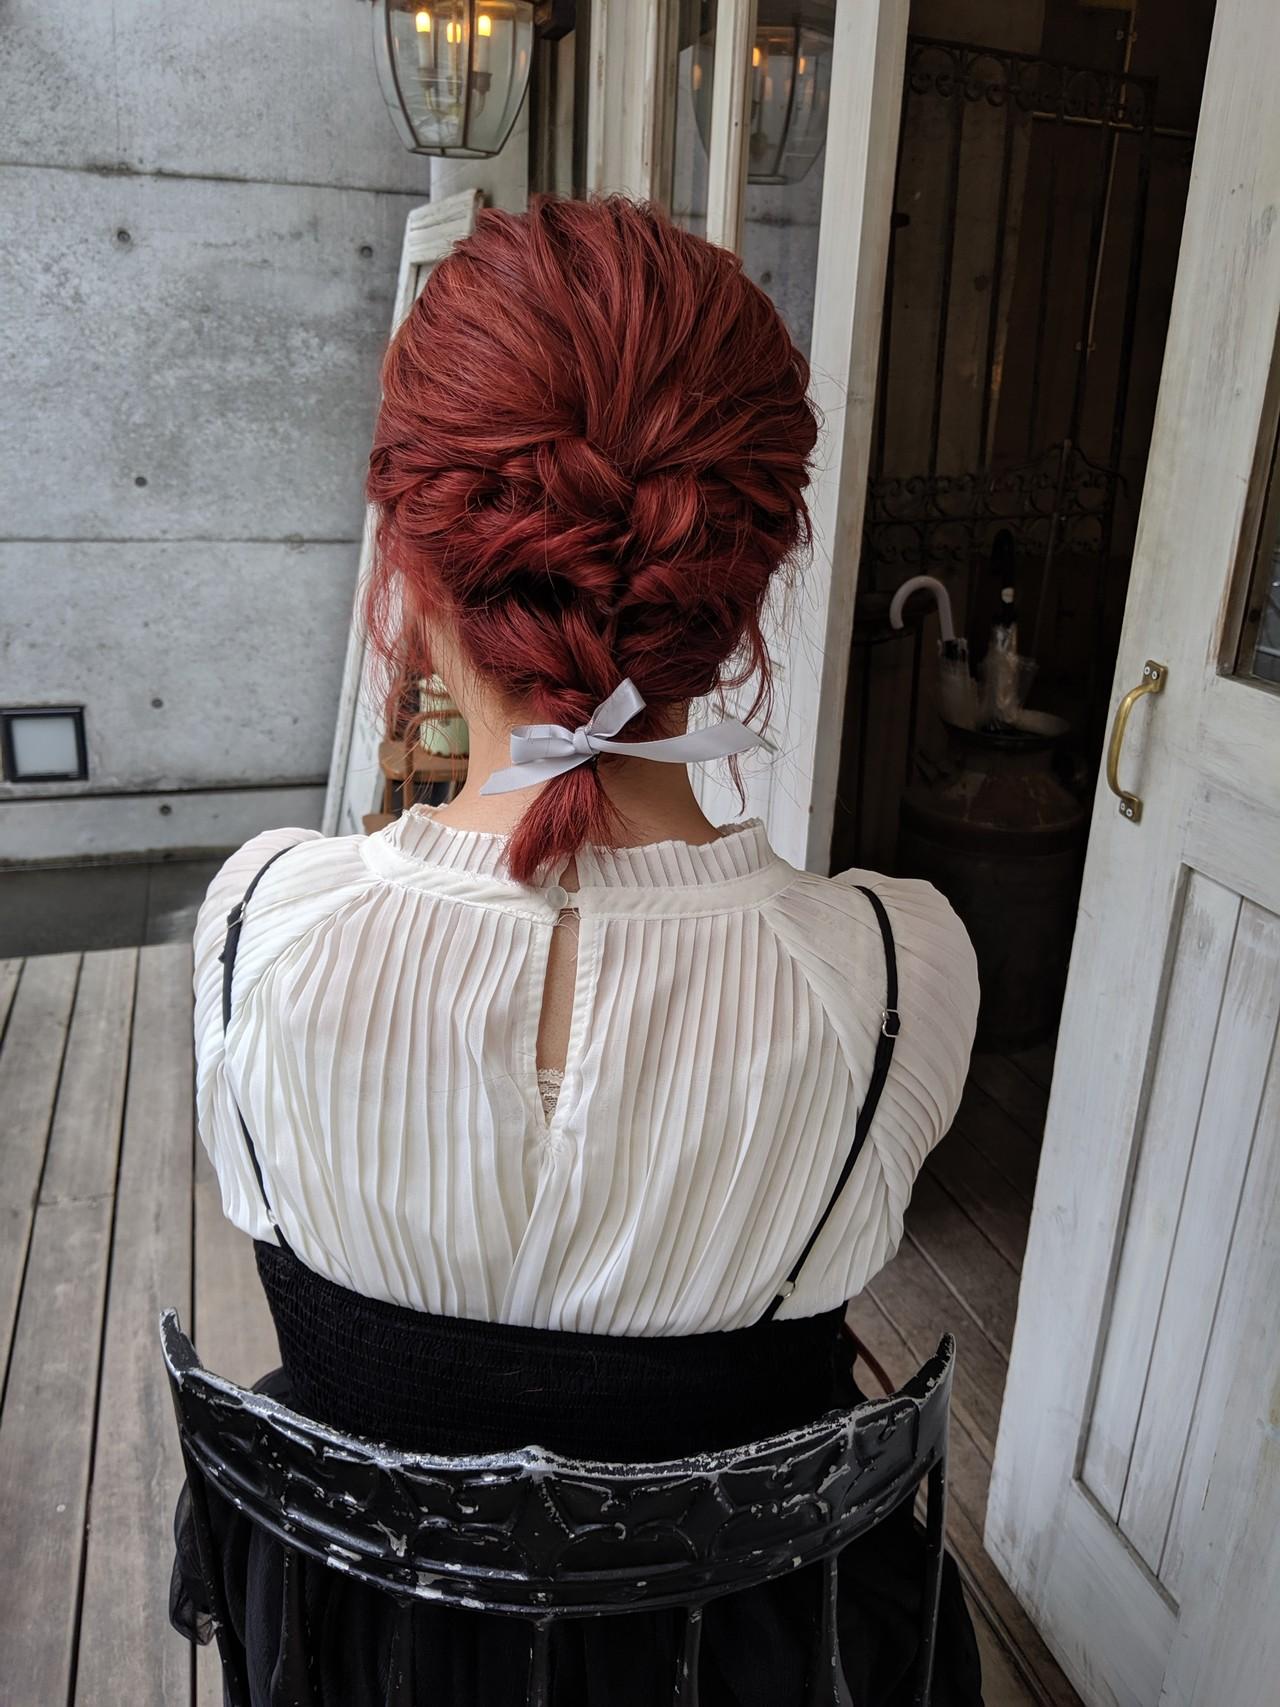 ガーリー チェリーレッド ミディアム ヘアアレンジ ヘアスタイルや髪型の写真・画像